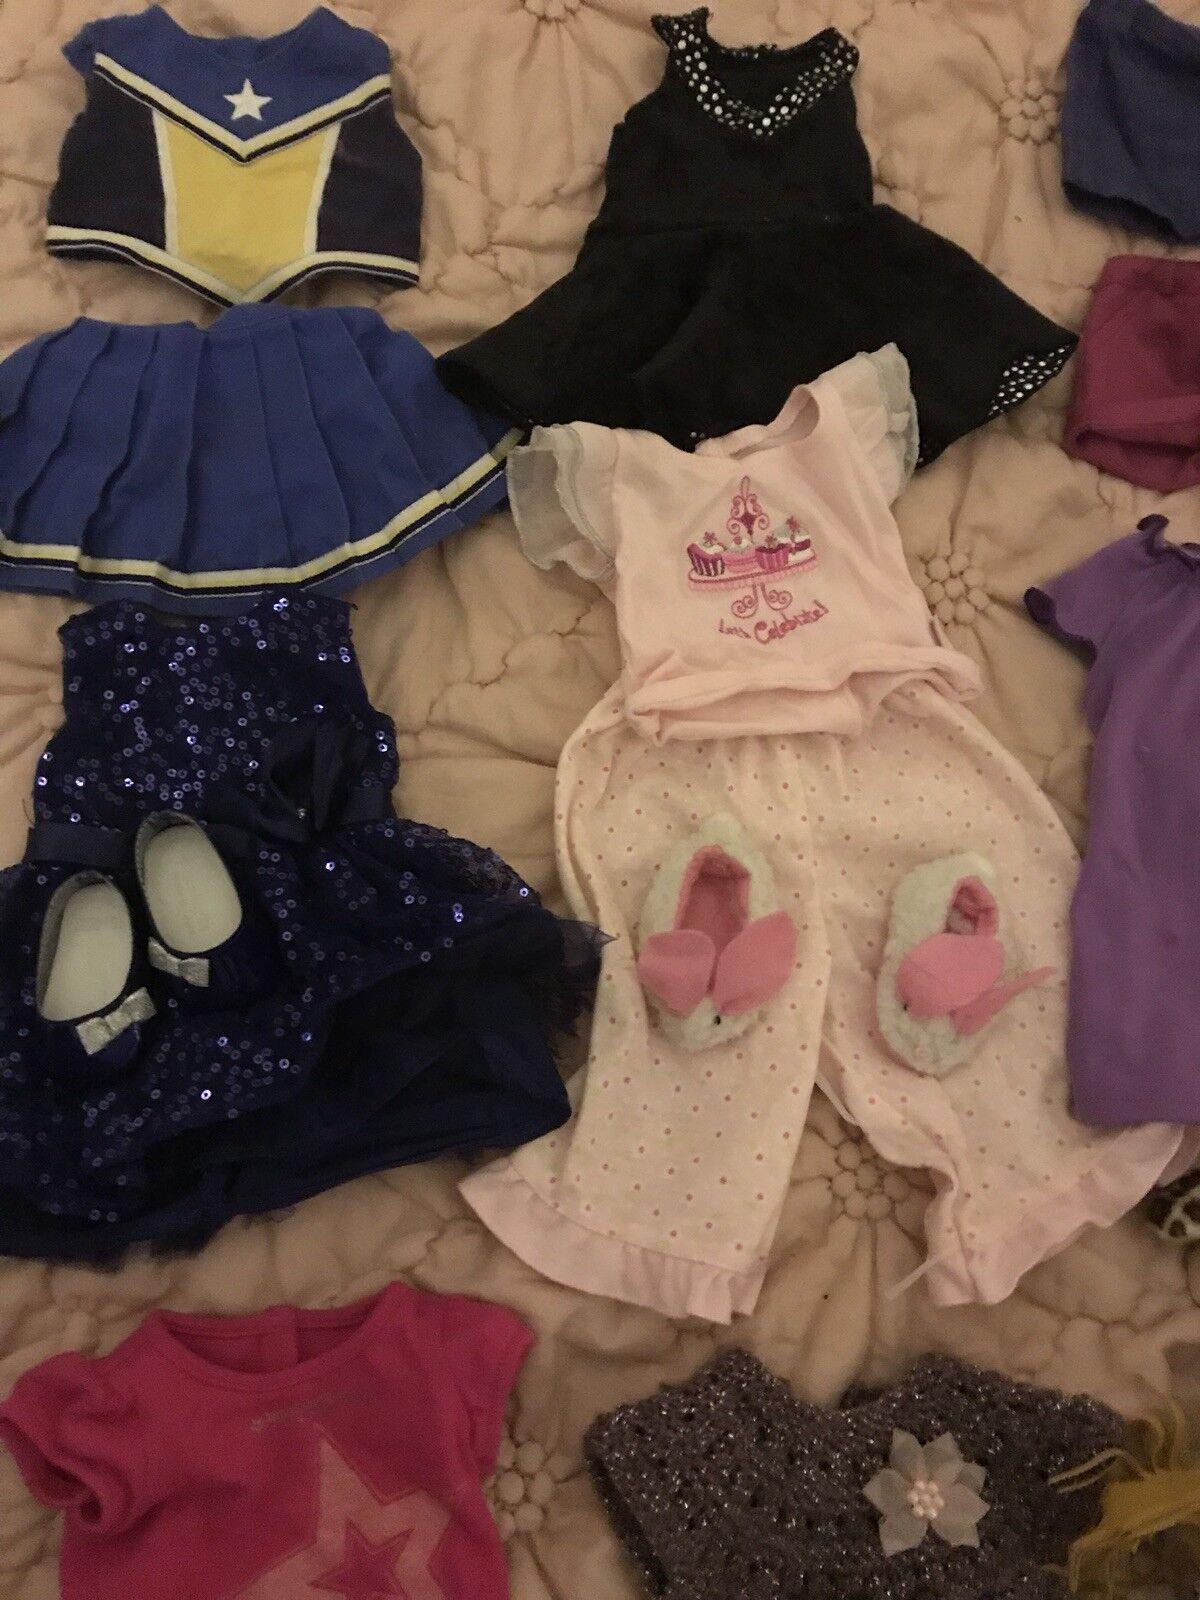 American Girl Doll Lote de ropa y accesorios accesorios accesorios de más de 20 un.  punto de venta barato